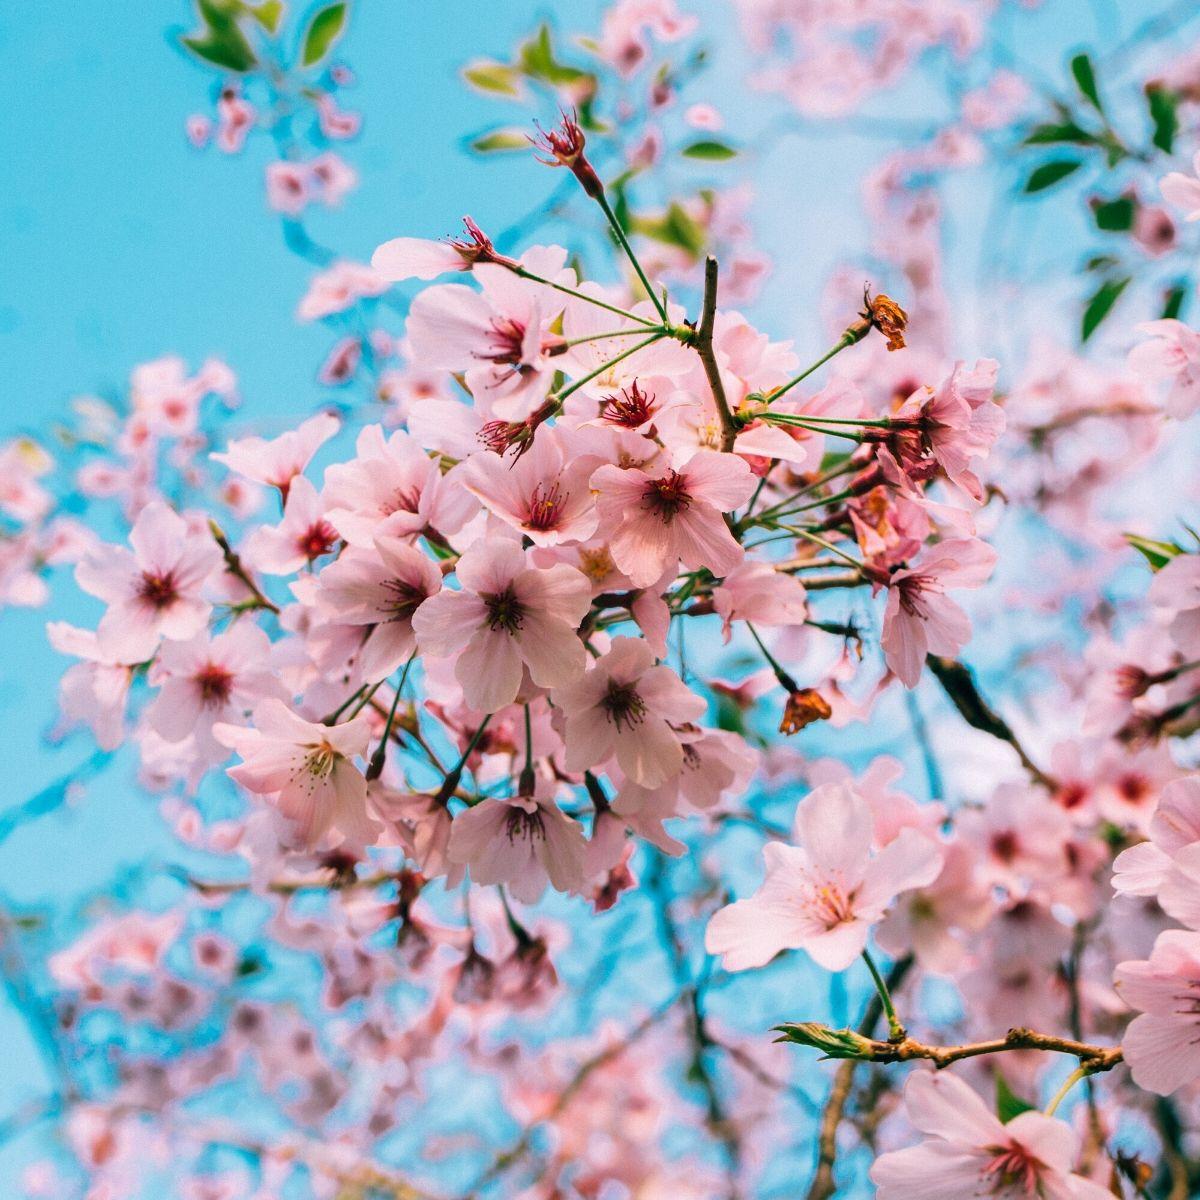 Selain Jepang Kamu Bisa Melihat Bunga Sakura Mekar Di 13 Negara Ini